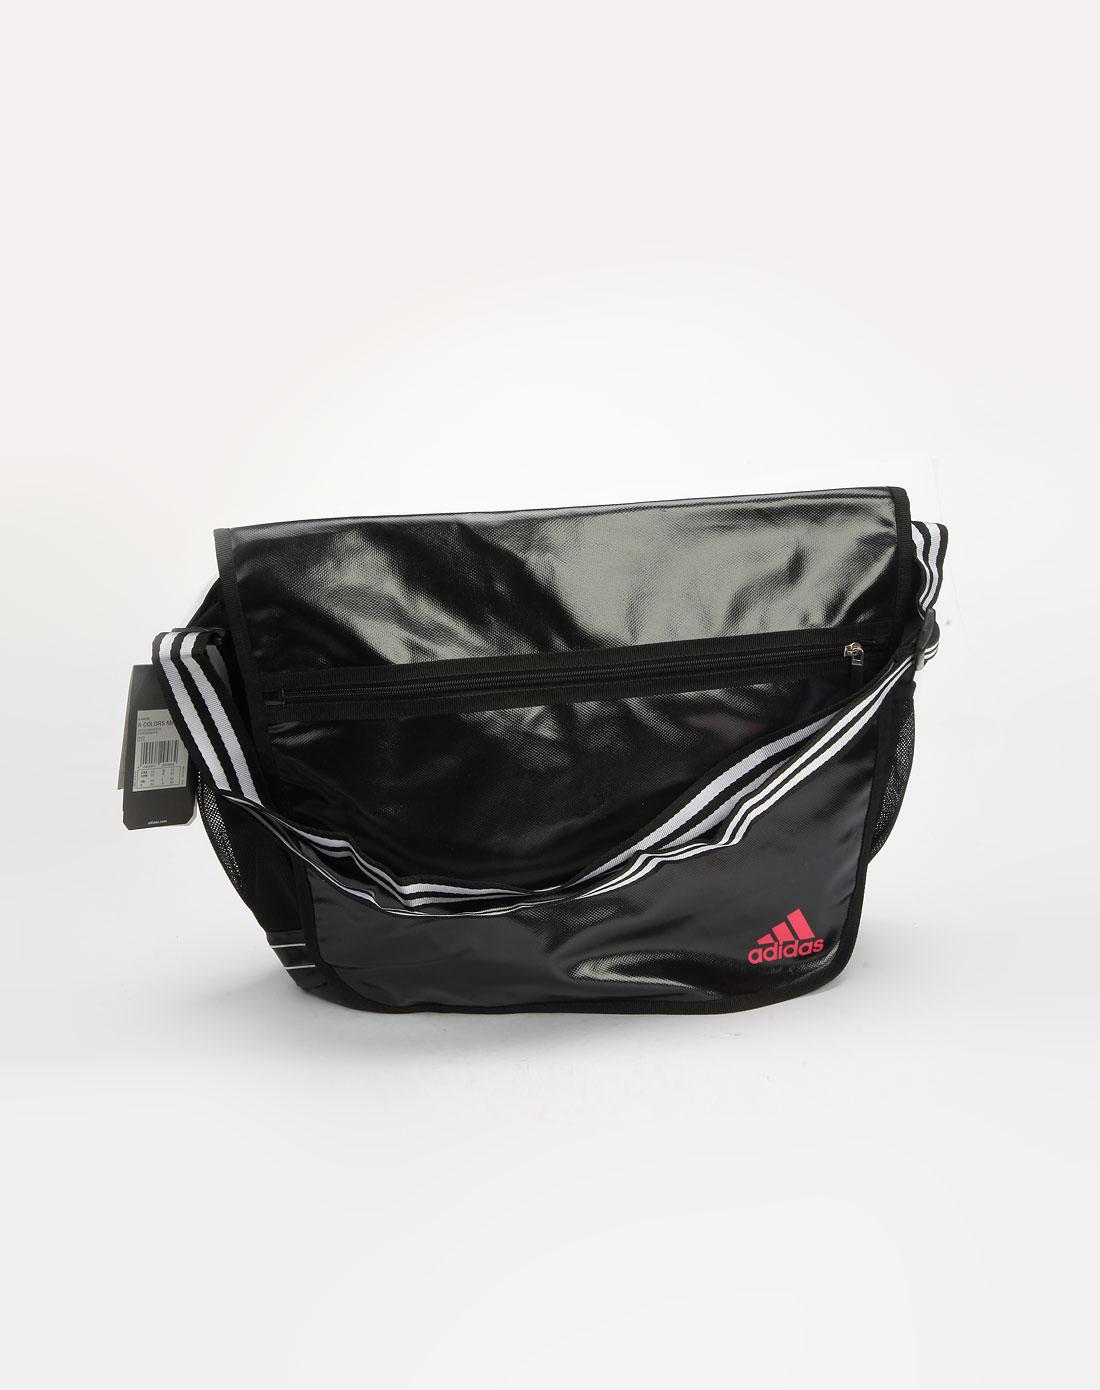 阿迪达斯adidas男款黑色斜挎包024539